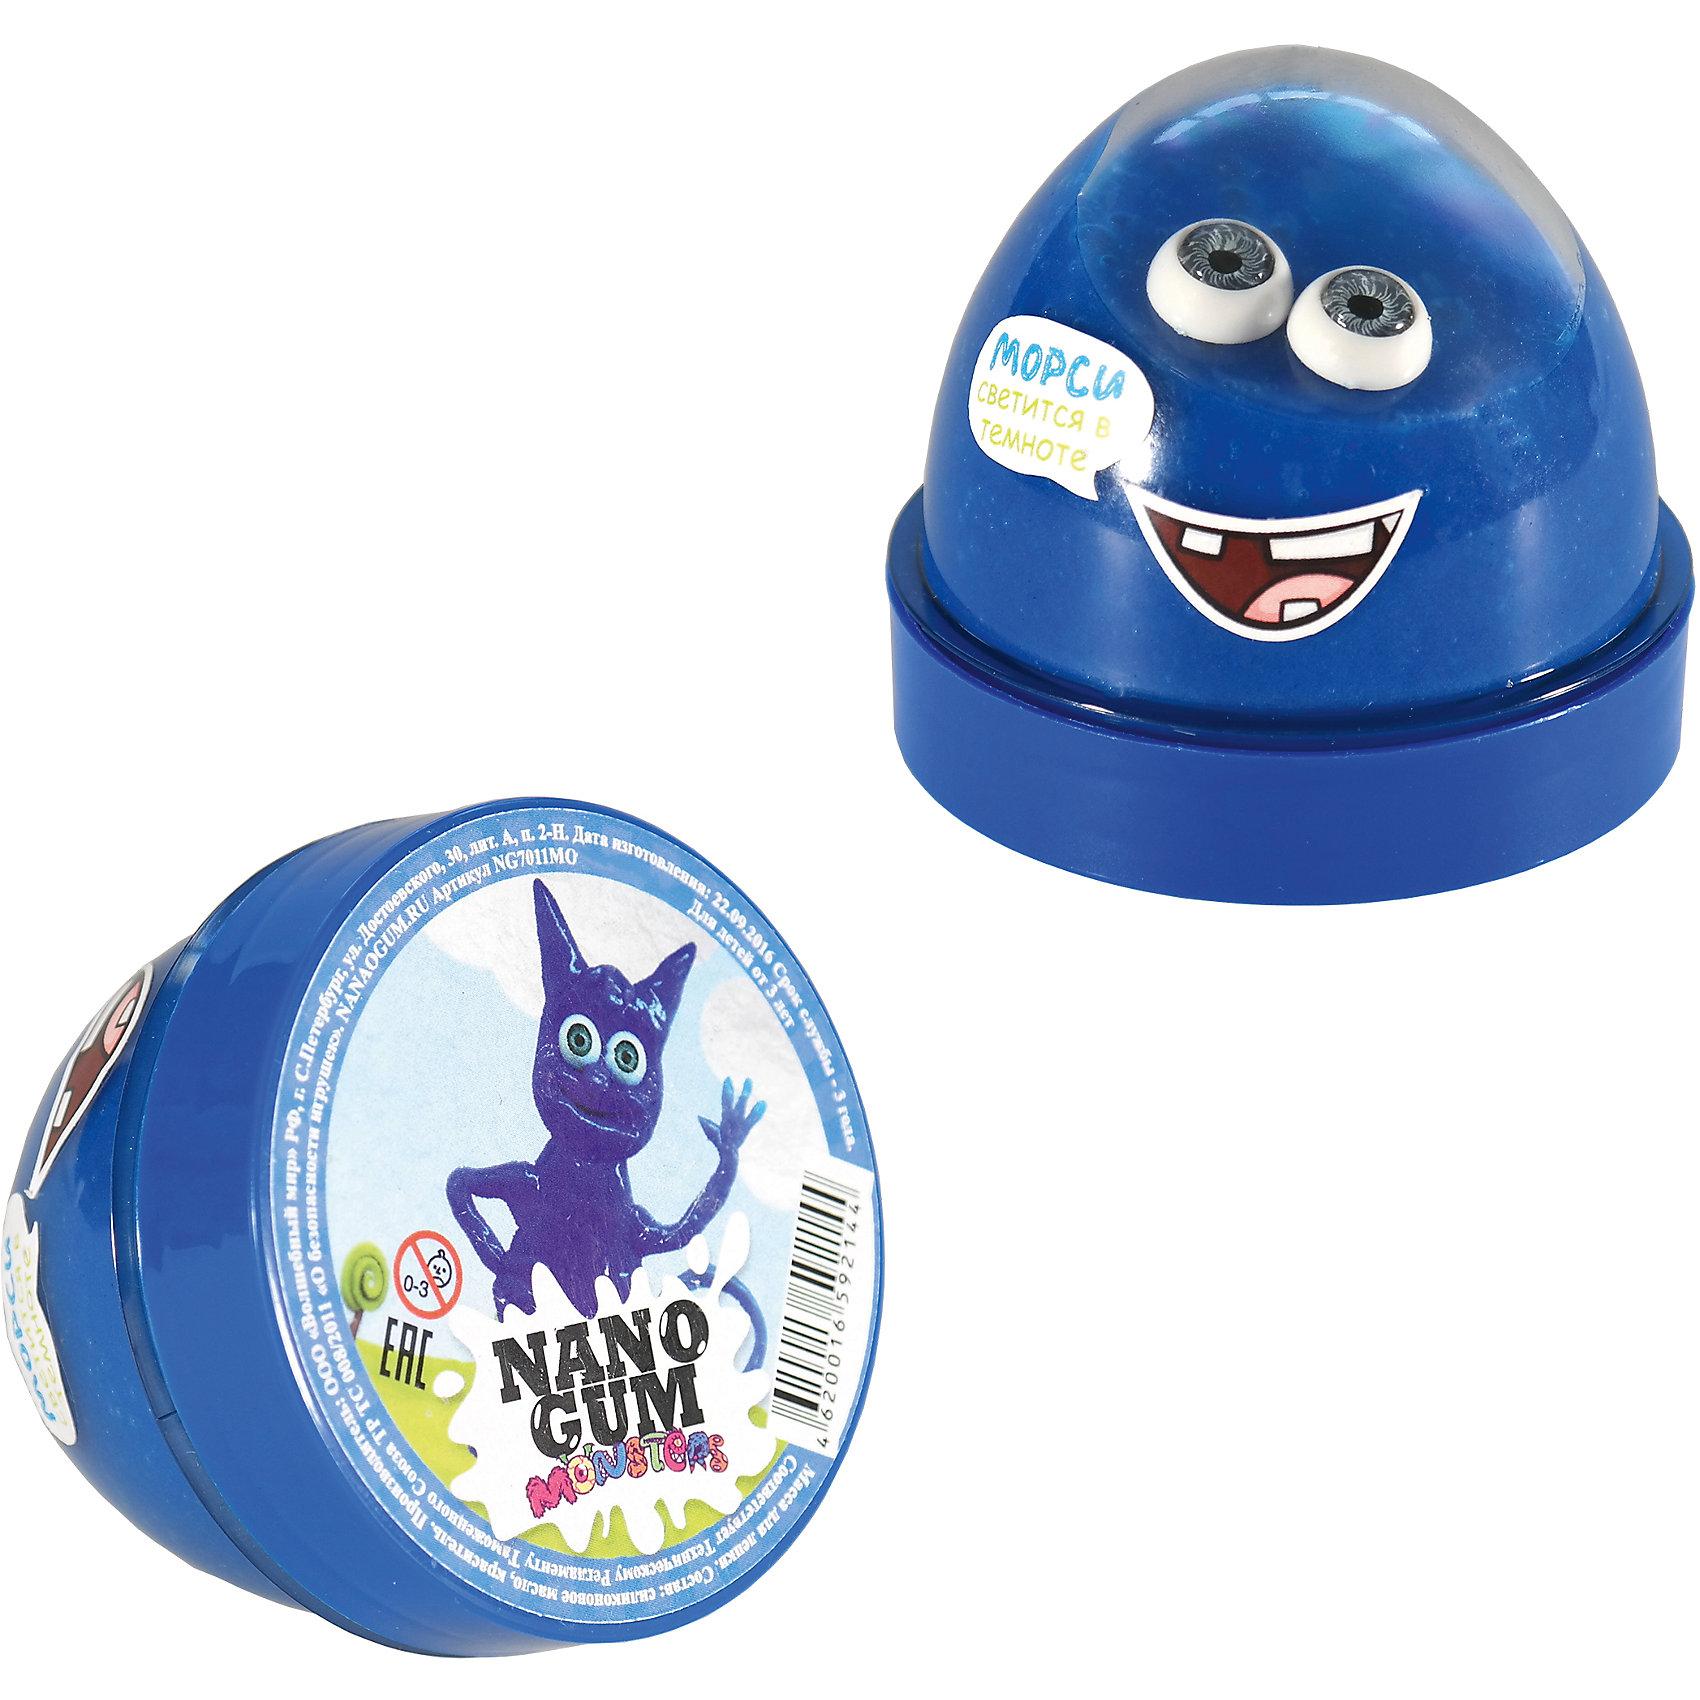 Жвачка для рук-антистресс, Морси, светится в темноте, 50гр,  Nano GumАнтистресс игрушки для рук<br>Характеристики:<br><br>• Вид игр: лепка, конструирование<br>• Пол: для девочек/для девочек<br>• Материал: полимер, пластик<br>• Цвет: синий<br>• Комплектация: жвачка, пара искусственных глаз, пластиковая баночка<br>• Светится в темноте<br>• Вес: 50 г<br>• Размеры упаковки (Г*Ш*В): 6*6,5*6,5 см<br>• Упаковка: пластиковая баночка<br><br>Жвачка для рук-антистресс, Морси, светится в темноте, 50гр, Nano Gum от отечественного торгового бренда Волшебный мир – это новый инновационный материал, это новый инновационный материал, предназначенный не только для детей, но и для взрослых. Жвачка для рук изготовлена из безопасного полимера, который легко принимает различные формы, при этом не прилипает к рукам и не рассыпается на кусочки. Жвачка для рук способна расстягиваться, быть упругой, рваться на кусочки, быть тягучей. В комплекте предусмотрена пара глаз, что позволит создавать различных животных или инопланетных существ. Особенность материала заключается в том, что он выполненв ярком цвете, который имеет способность светиться в темноте. Жвачка для рук-антистресс, Морси, светится в темноте, 50гр, Nano Gum позволит развивать воображение и мелкую моторику рук.<br><br>Жвачку для рук-антистресс, Морси, светится в темноте, 50гр, Nano Gum можно купить в нашем интернет-магазине.<br><br>Ширина мм: 60<br>Глубина мм: 60<br>Высота мм: 60<br>Вес г: 1188<br>Возраст от месяцев: 36<br>Возраст до месяцев: 192<br>Пол: Унисекс<br>Возраст: Детский<br>SKU: 5355557